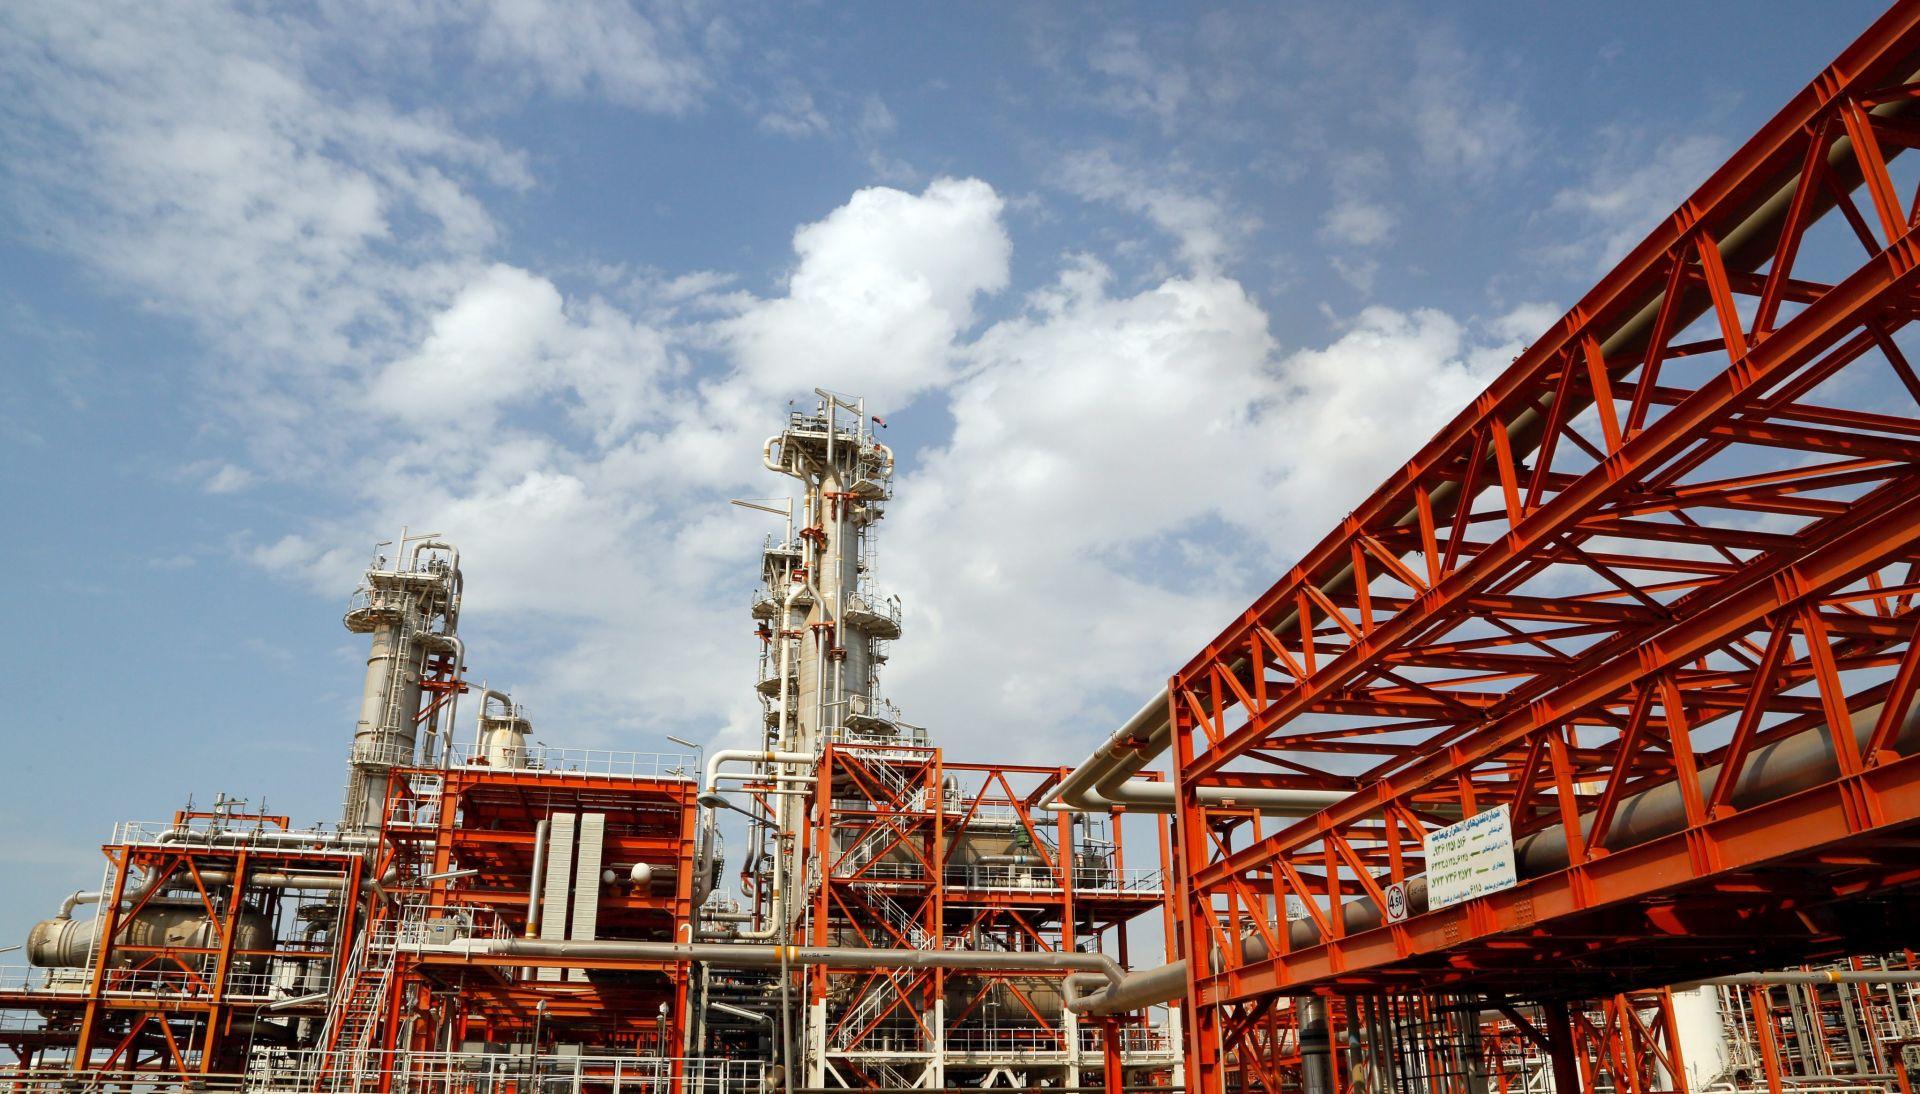 UKRAJINA Opskrba Europe plinom nepromijenjena